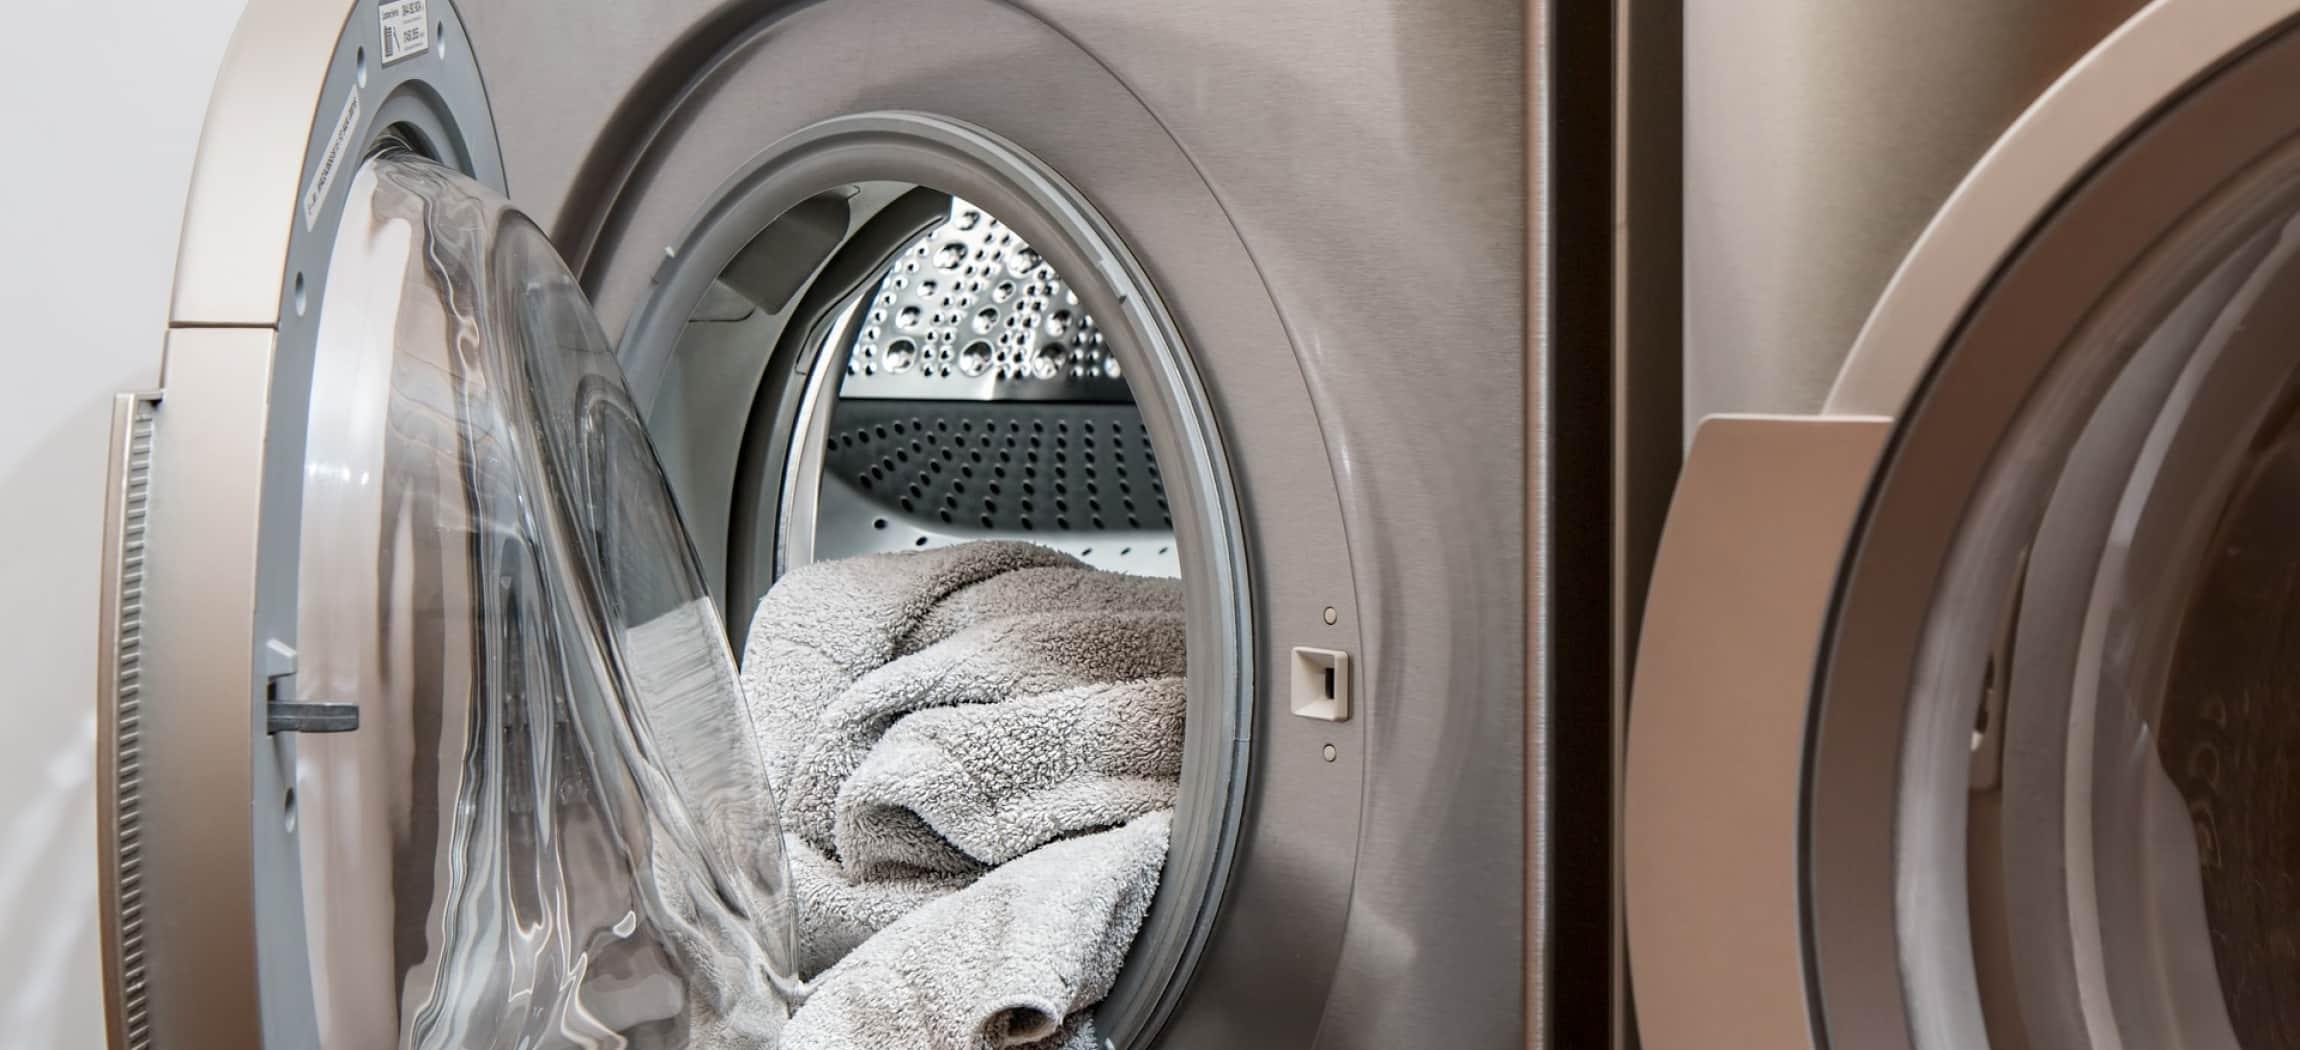 Wasmachine met deur half open, het witte wasgoed hangt eruit